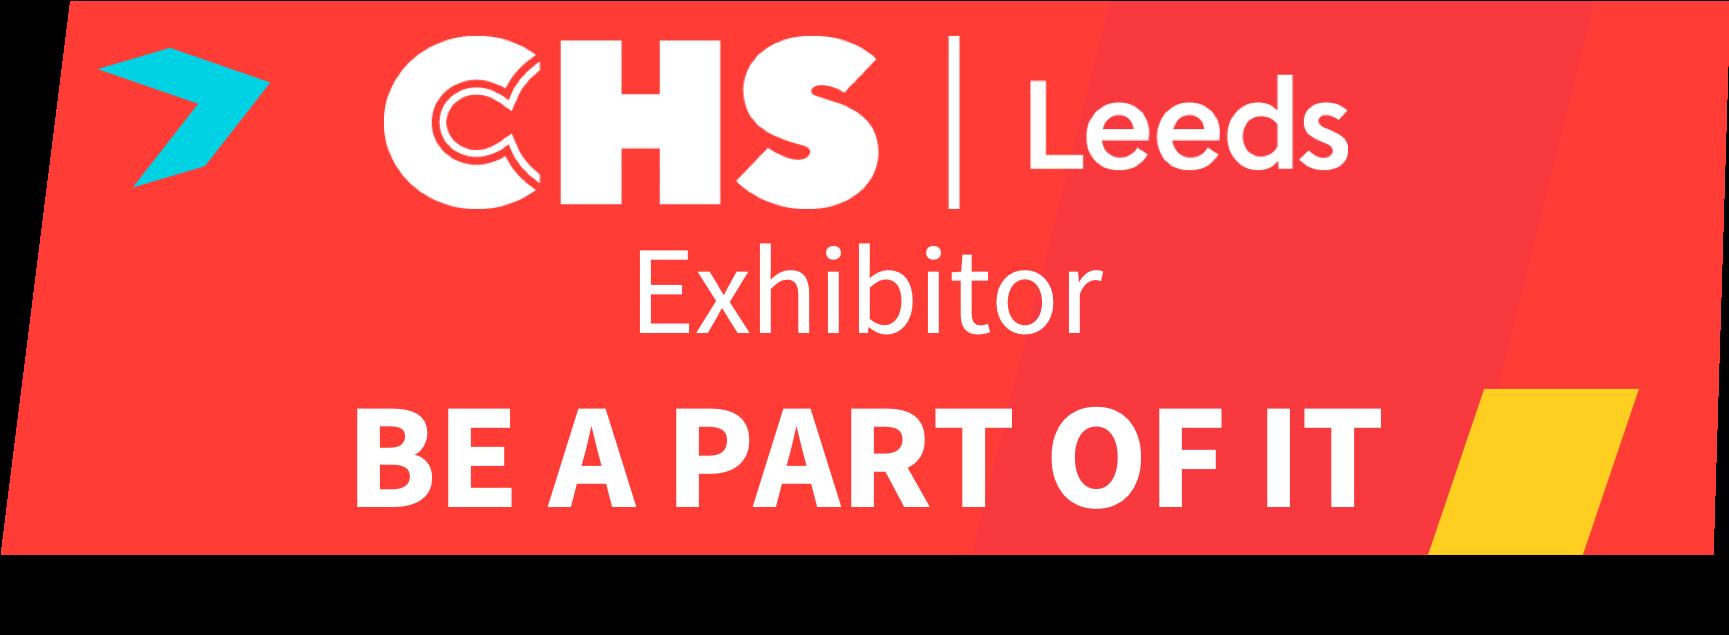 CHS Leeds Exhibitor